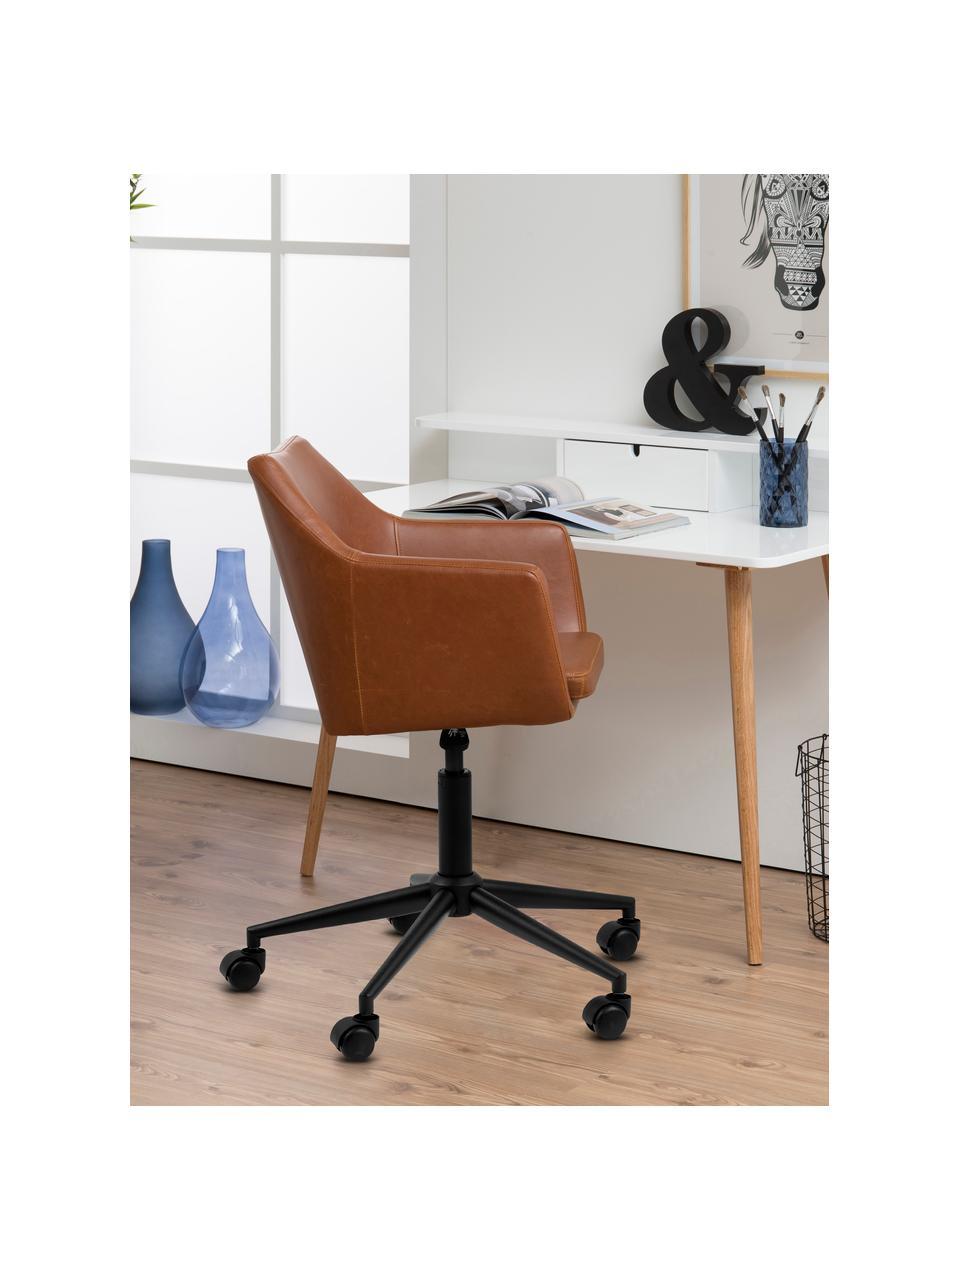 Krzesło biurowe ze sztucznej skóry Nora, obrotowe, Tapicerka: sztuczna skóra (poliureta, Nogi: metal malowany proszkowo, Koniakowy, S 58 x G 58 cm